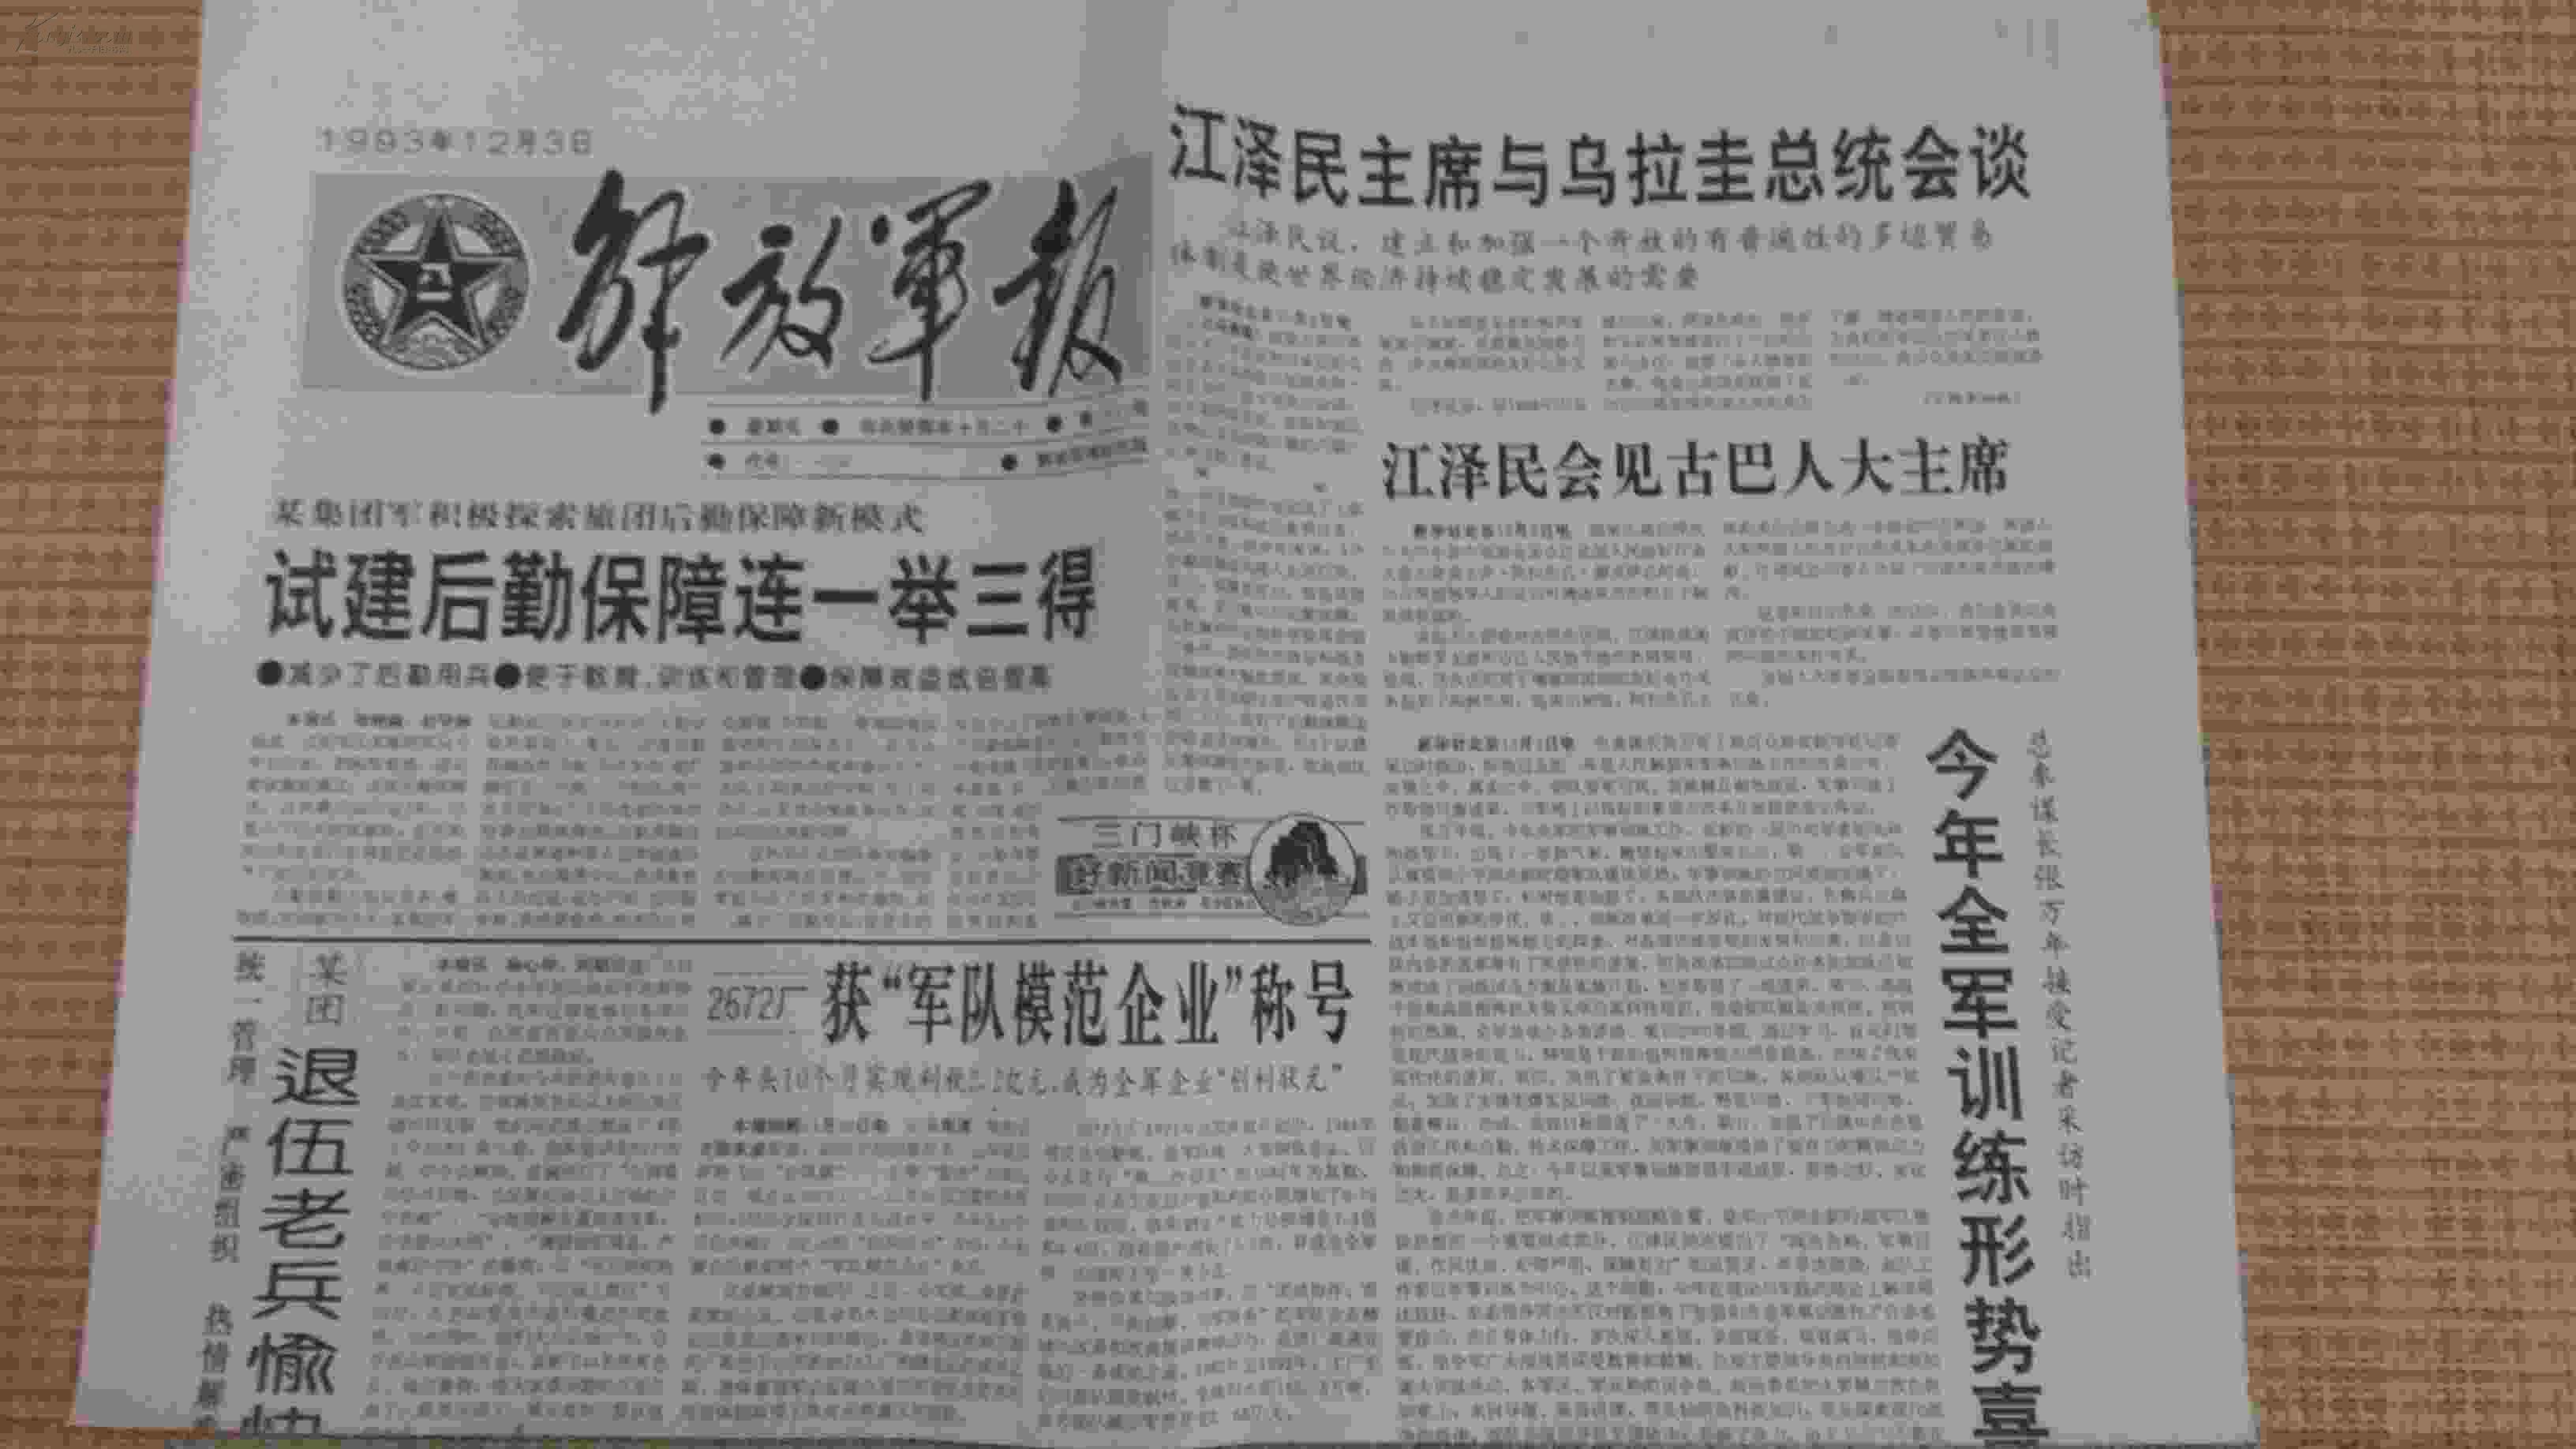 解放军报(1993年12月3日)